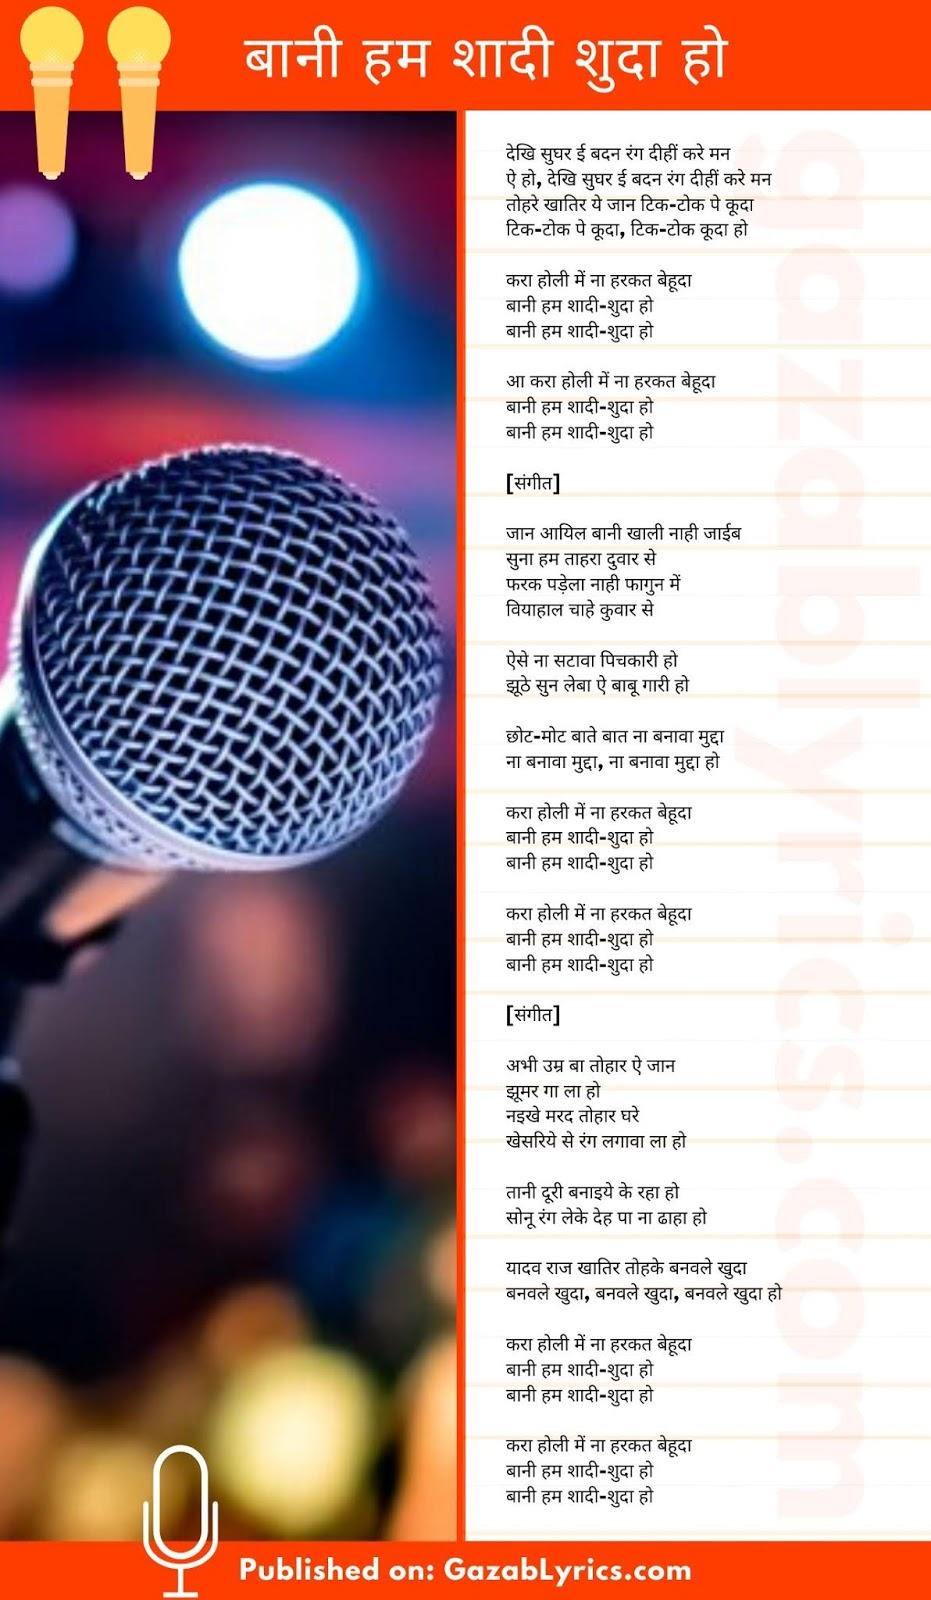 Bani Hum Shaadi Suda Ho song lyrics image